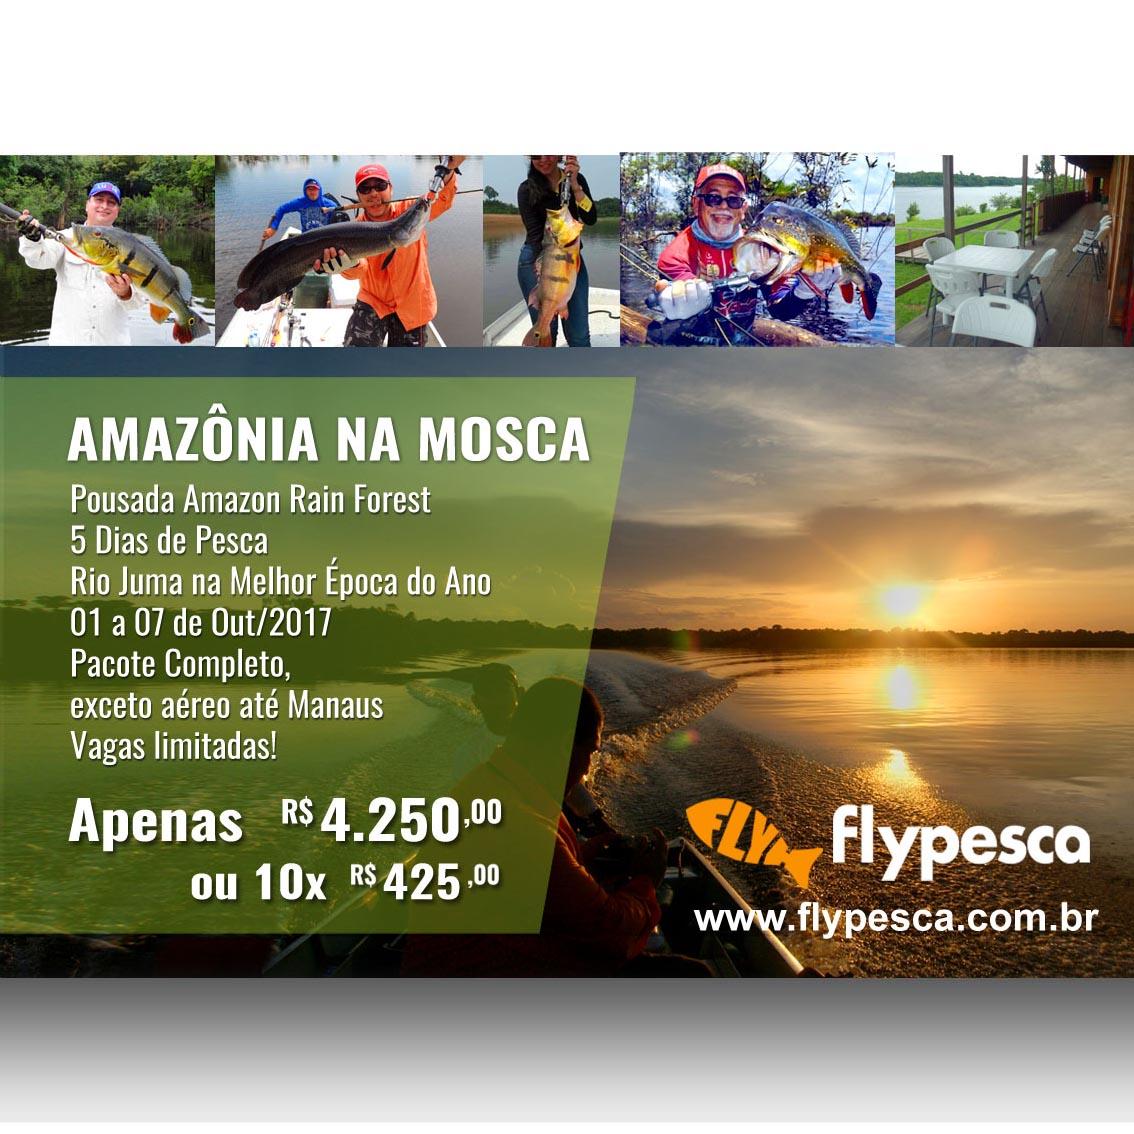 Tucunaré na Amazônia - Rio Juma, Amazonas - 7 dias (01 a 07 de Out/2017)